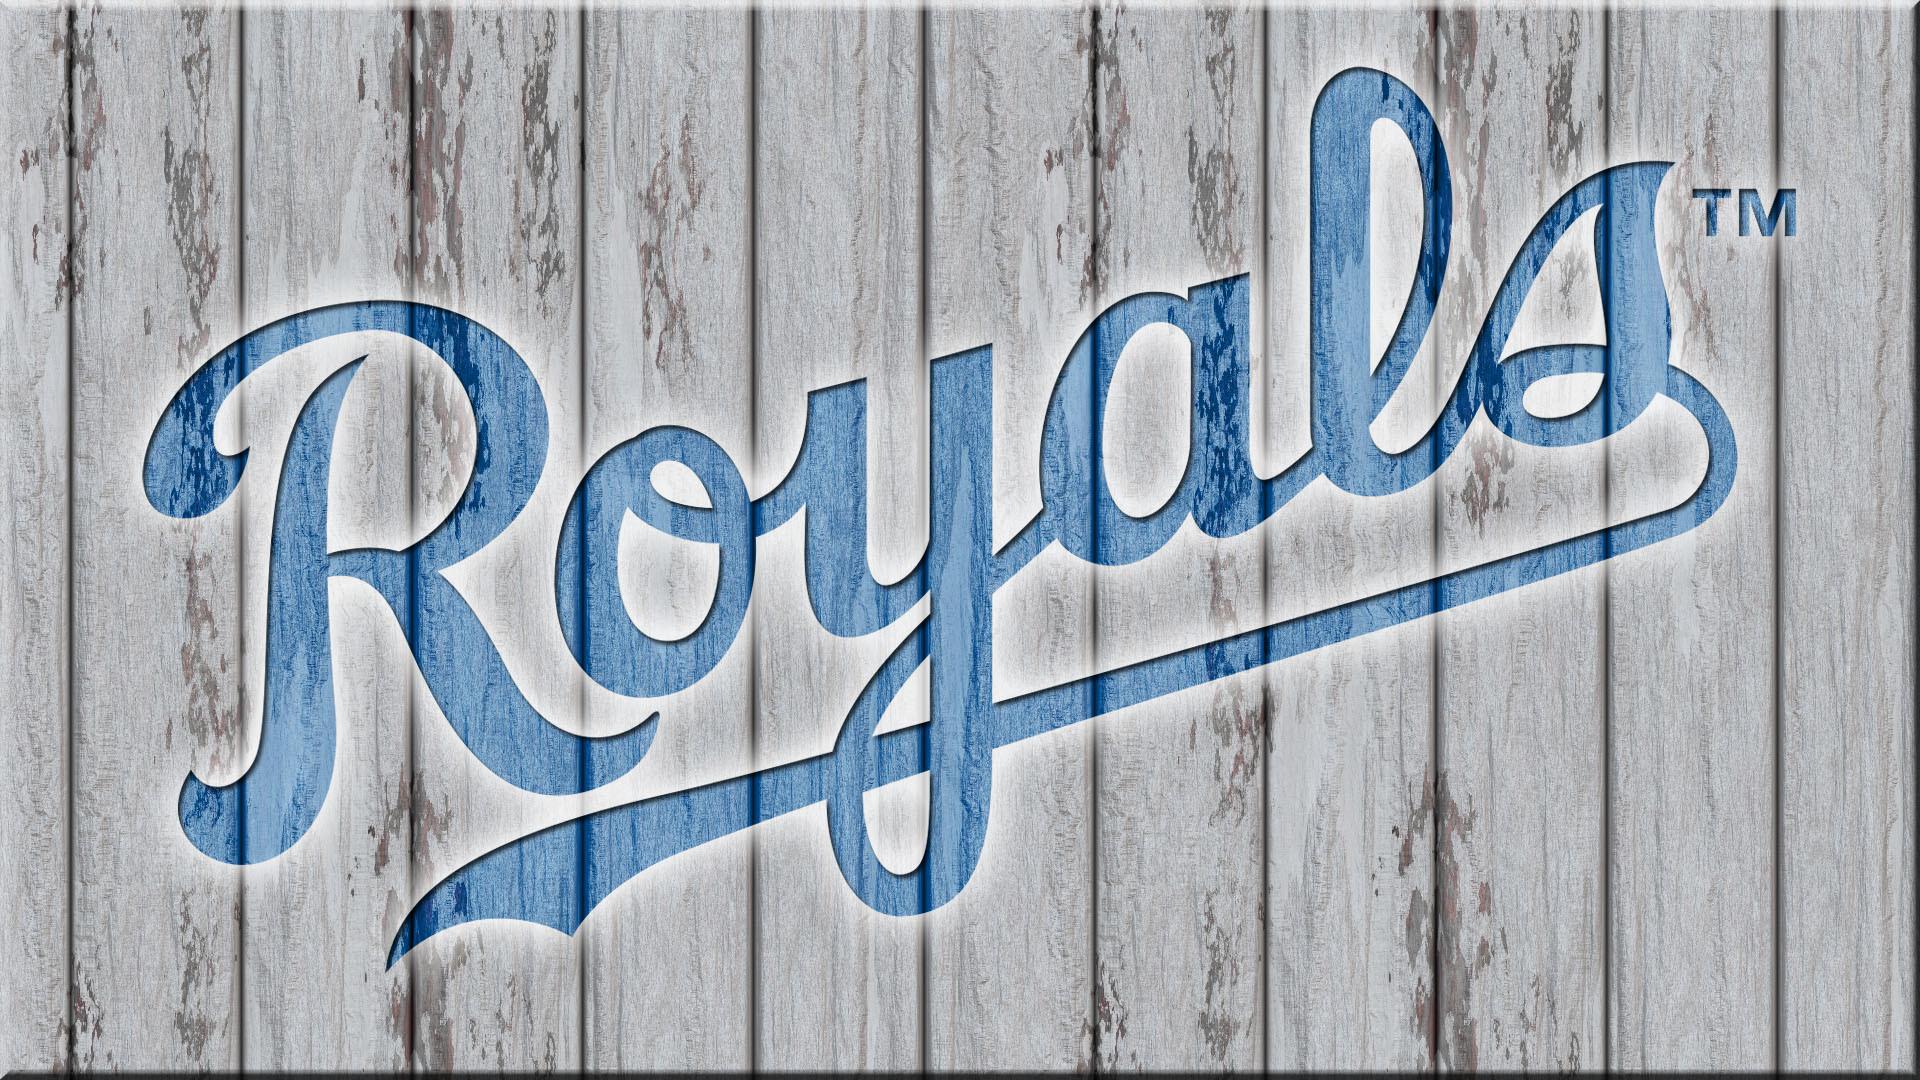 KANSAS CITY ROYALS mlb baseball (16) wallpaper background